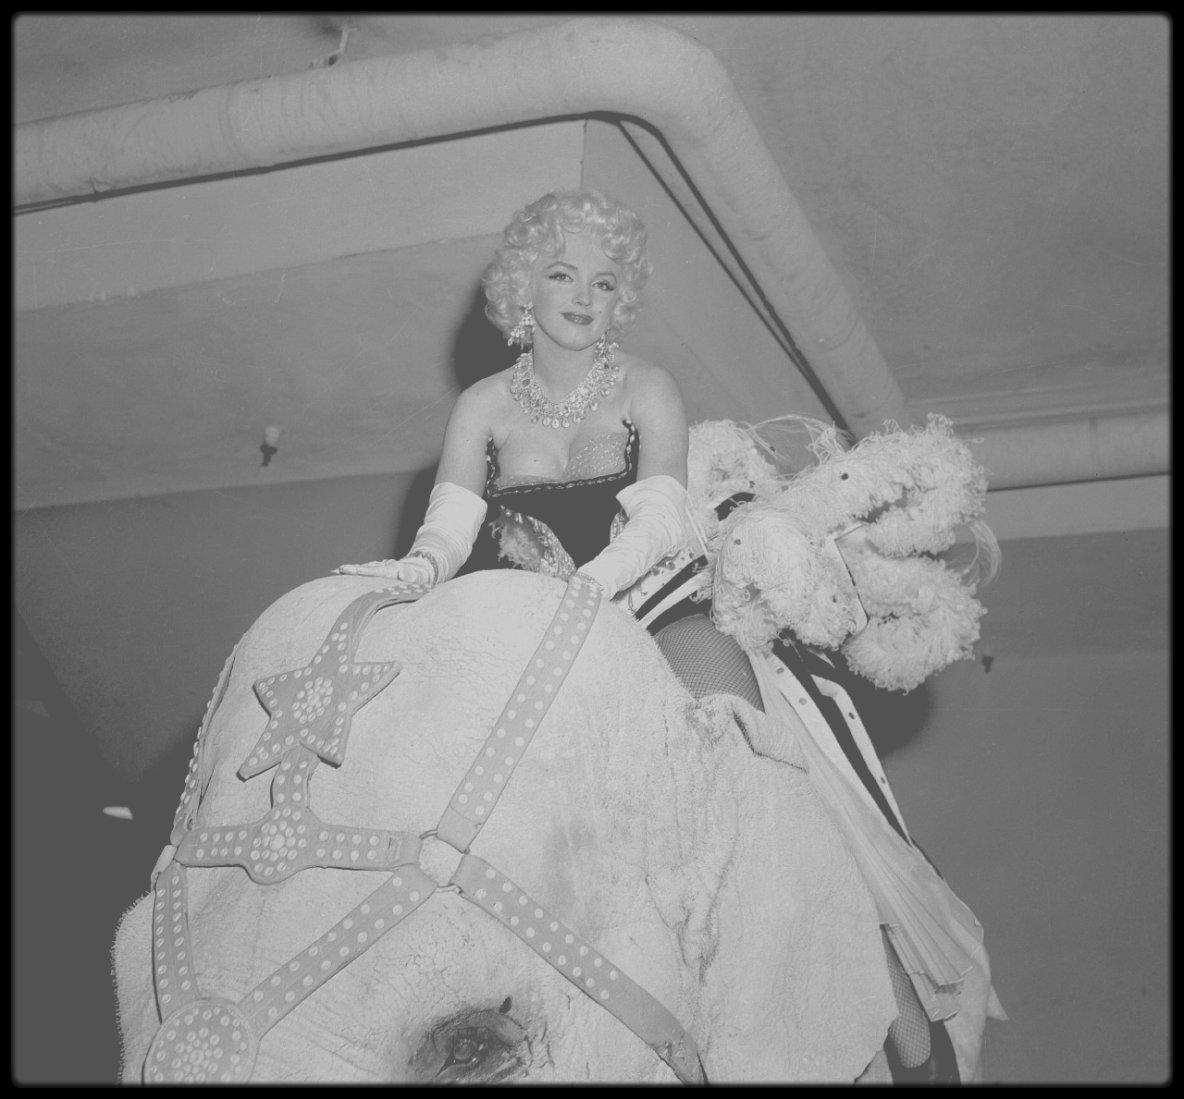 """1955 / Marilyn assiste à la soirée organisée par Mike TODD et le cirque """"Ringling Brothers Circus"""", au """"Madison Square Garden"""", au profit de la Fondation pour l'arthrose et les affections rhumatismales. Elle fait une entrée triomphale vêtue d'un collant très sexy brodé de paillettes et de plumes, sur le dos d'un éléphant peint en  rose, nommé Karnaudi, devant 18 000 personnes. Elle est prise en photo par le photographe Ed FEINGERSH.  C'est Milton BERLE  qui anime la soirée. Milton GREENE est également présent."""